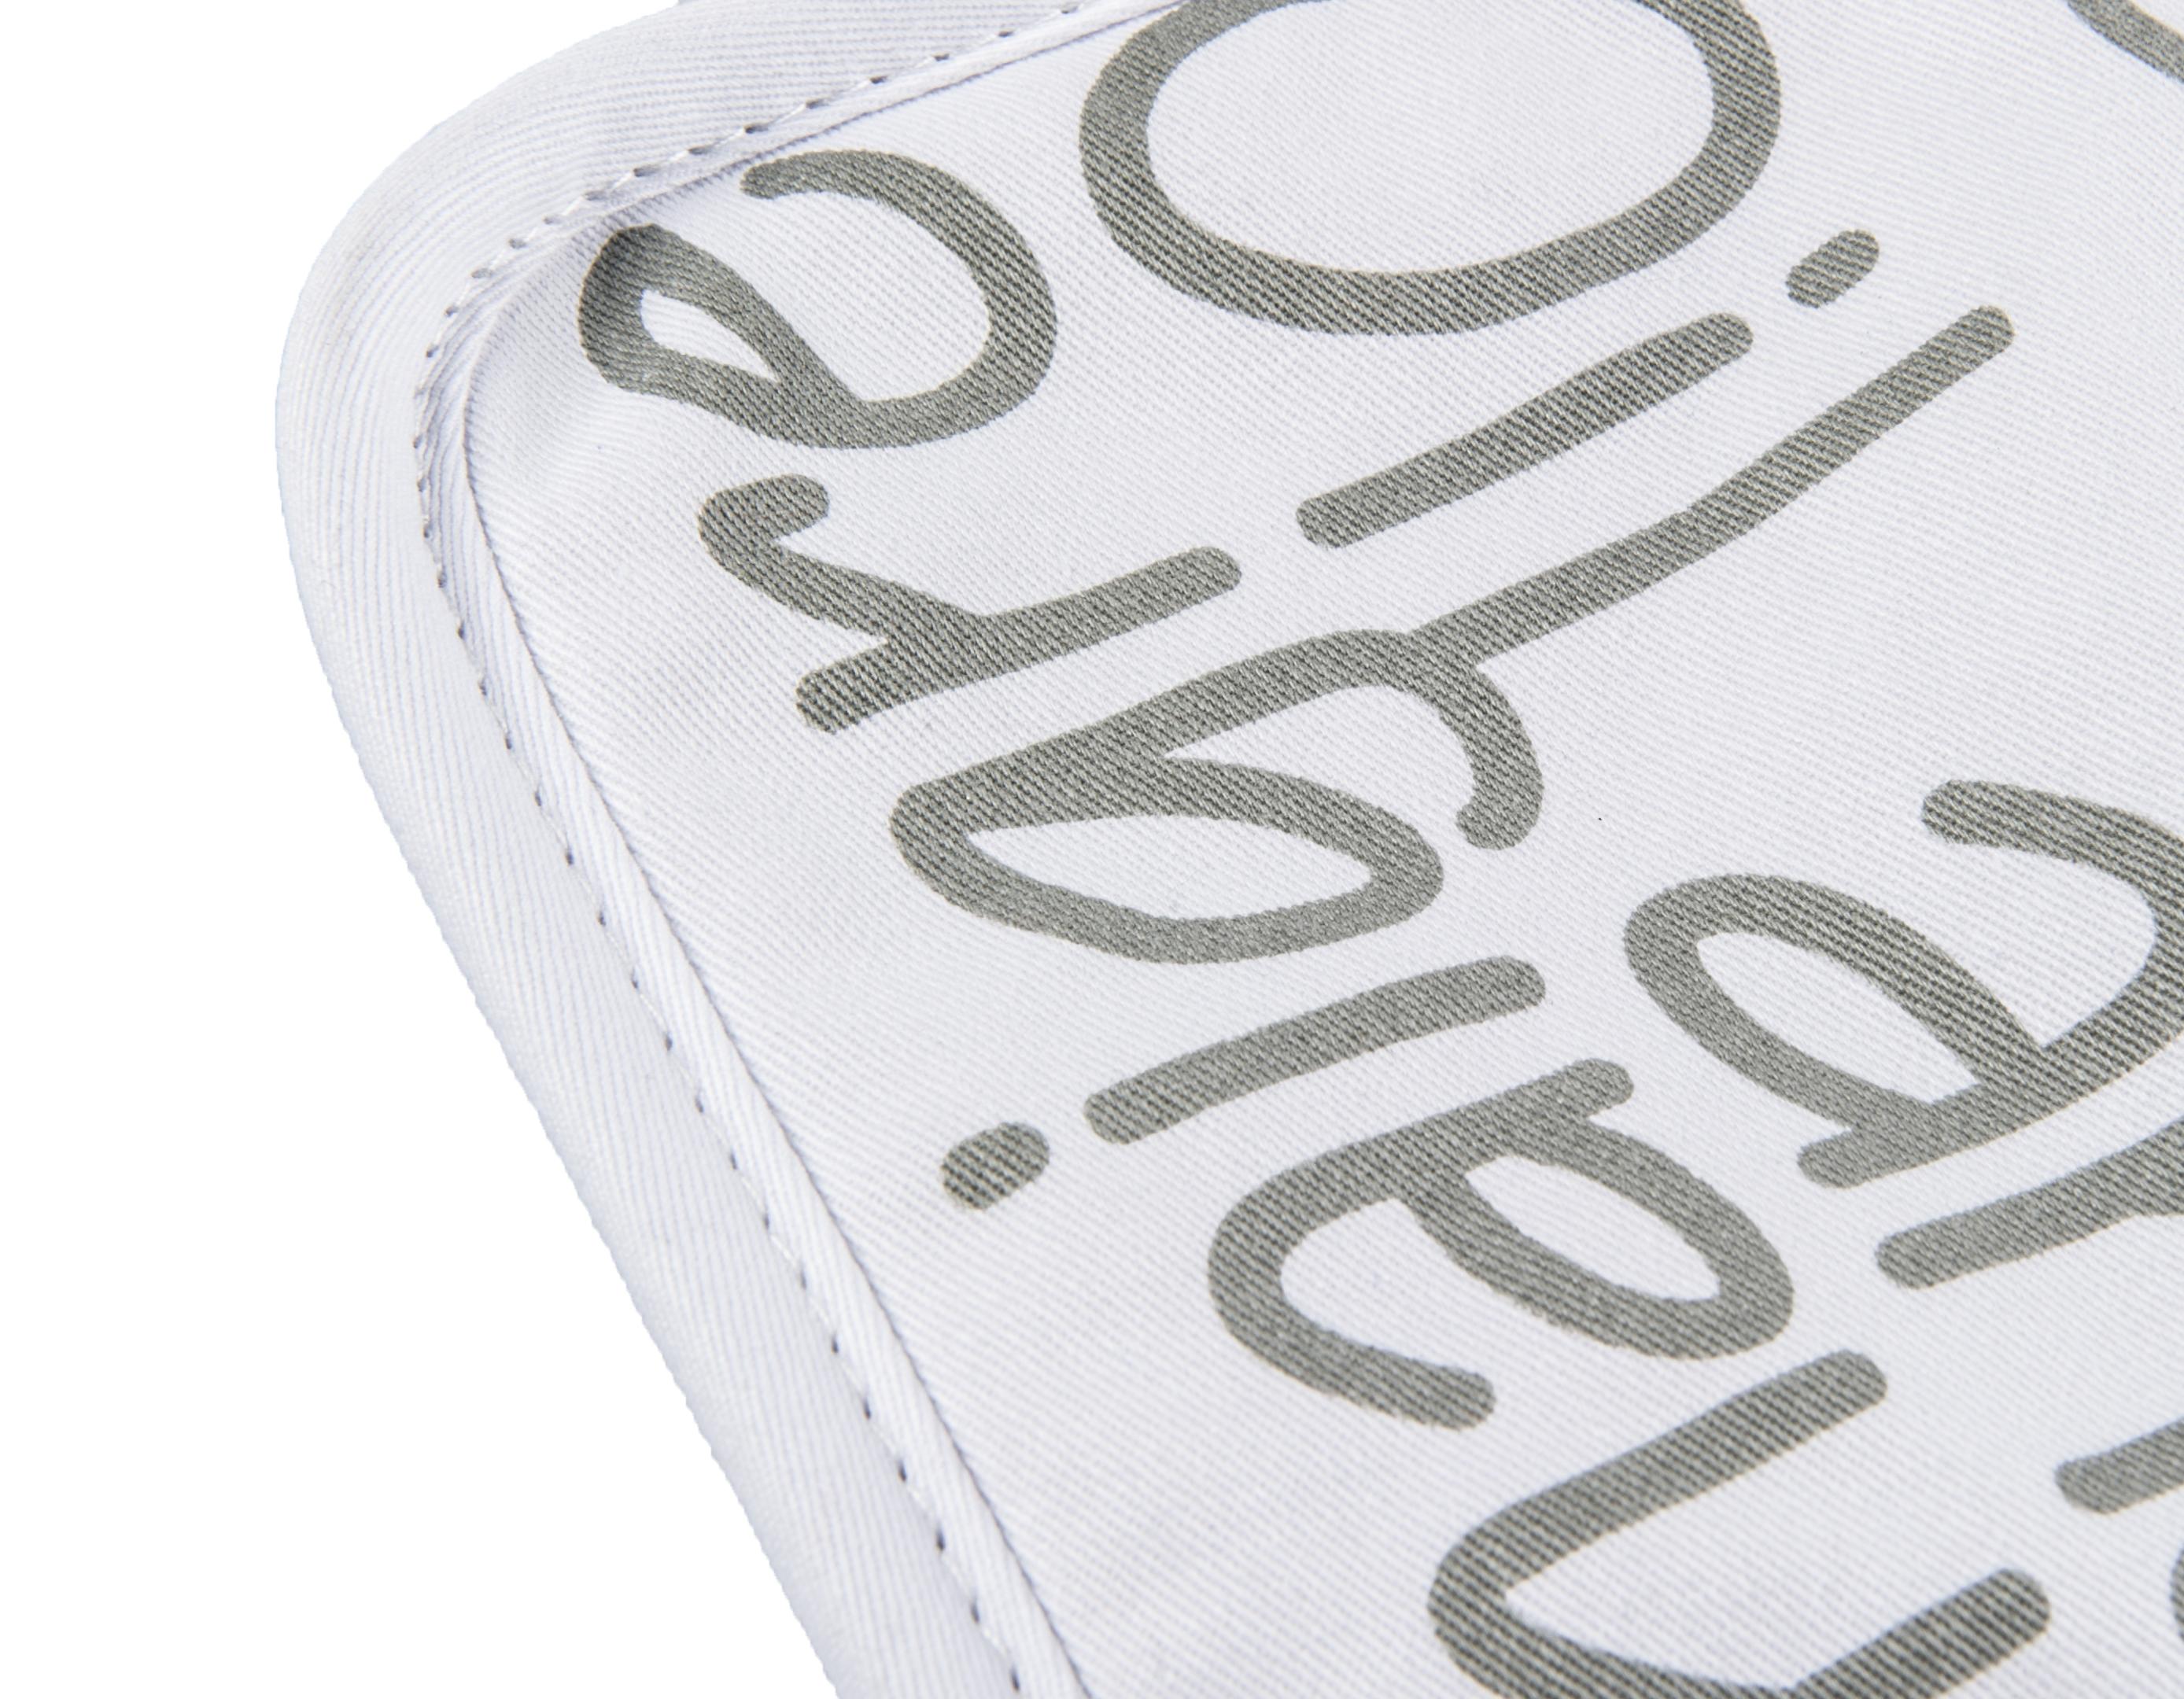 دستگیره سفید 20x20 سانتیمتری